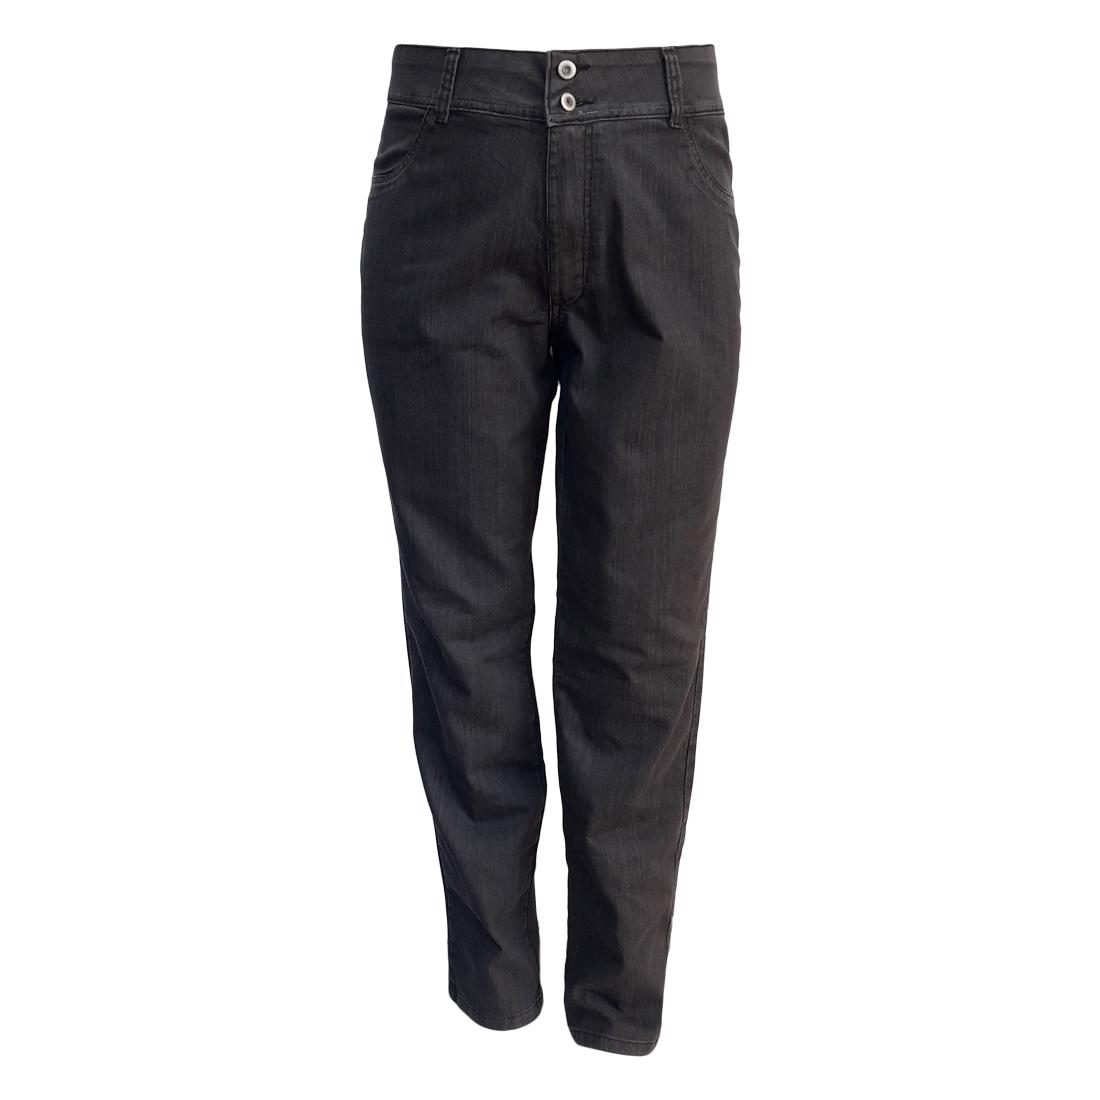 Calça Jeans Feminina Cintura Alta Ref 93 Plus Size